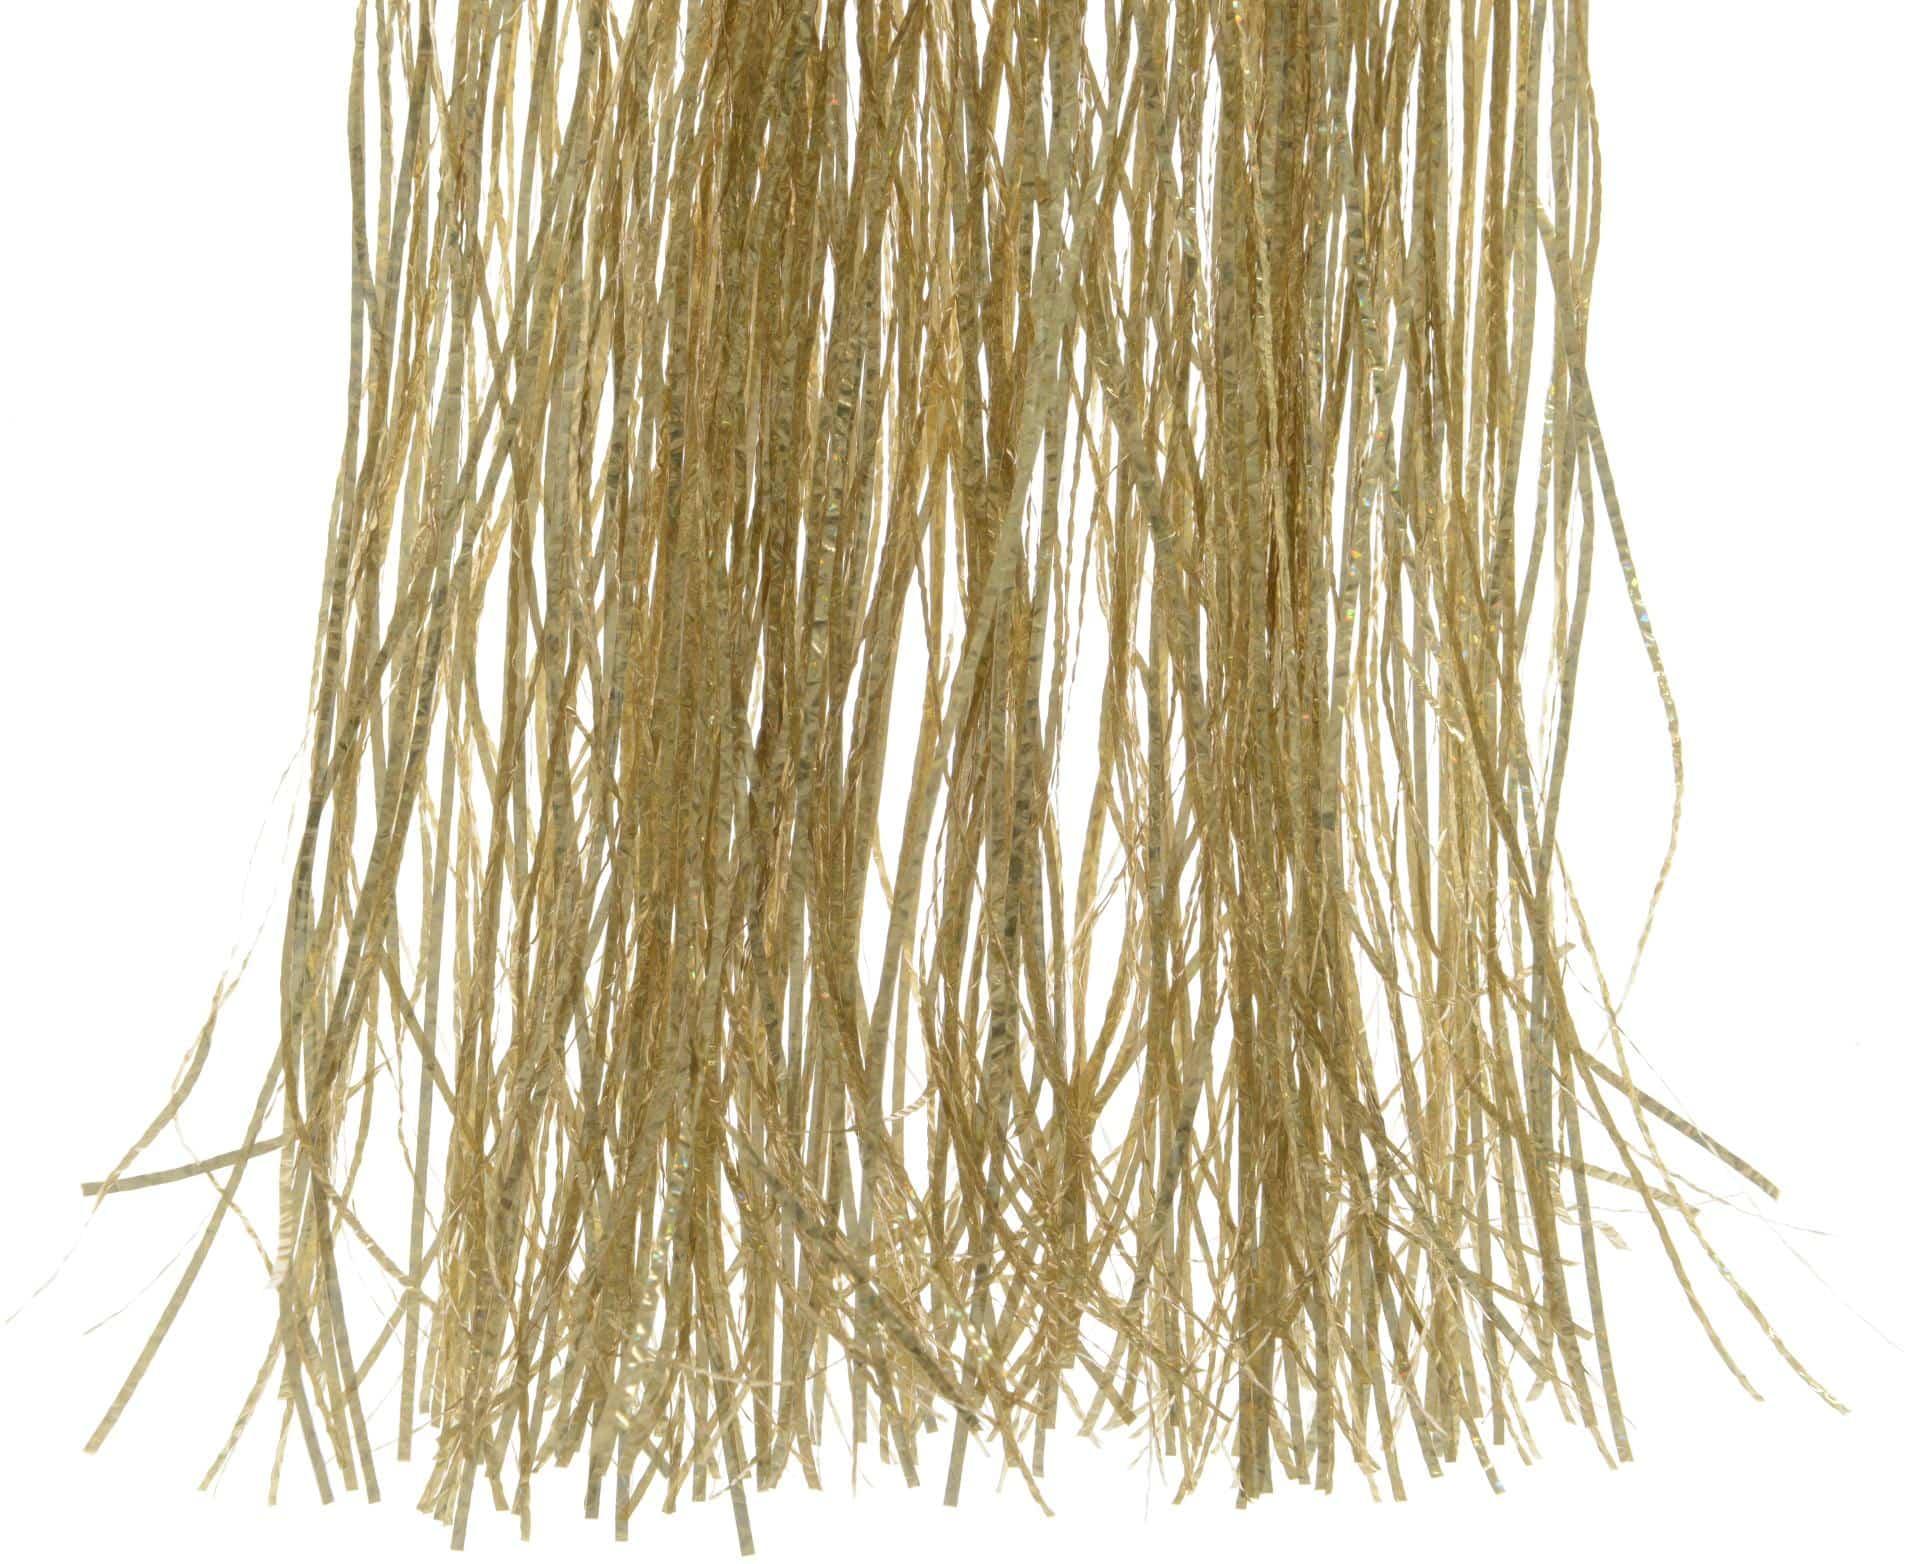 Lametta 50 x 40 cm gold gestanzt g nstig online kaufen for Lametta kaufen